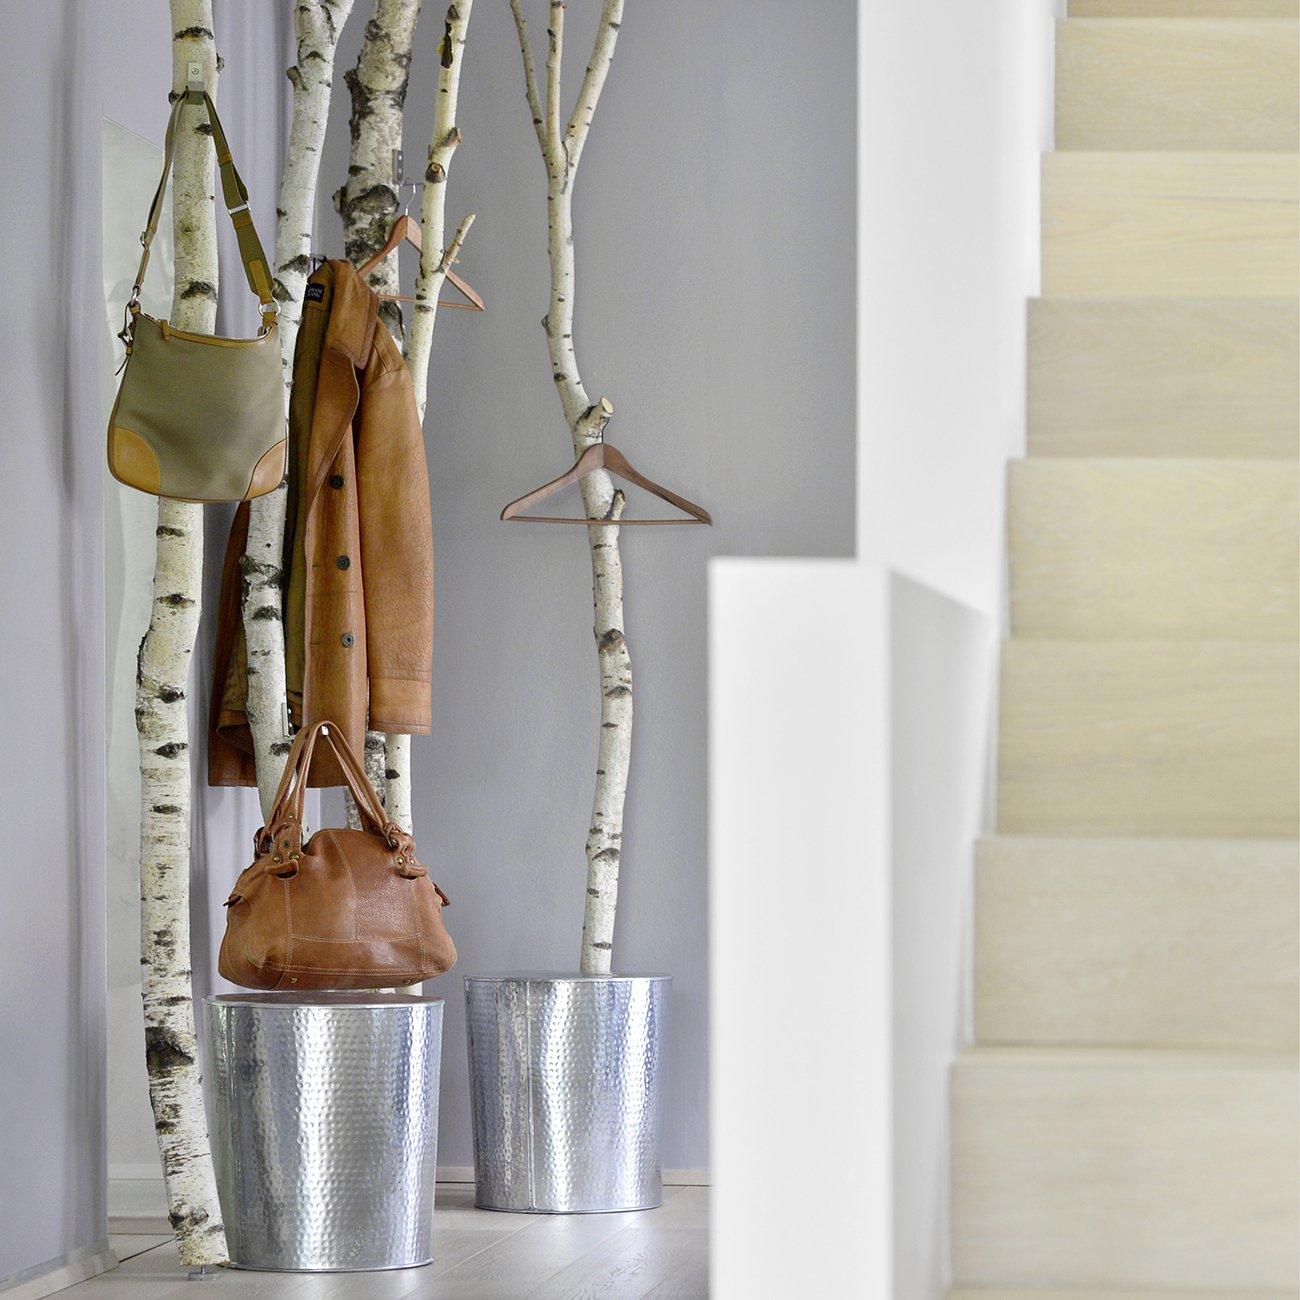 Heimwerk do it yourself und upcycling schöner wohnen mit stilvollen accessoires das große ideenbuch mit step by step anleitungen